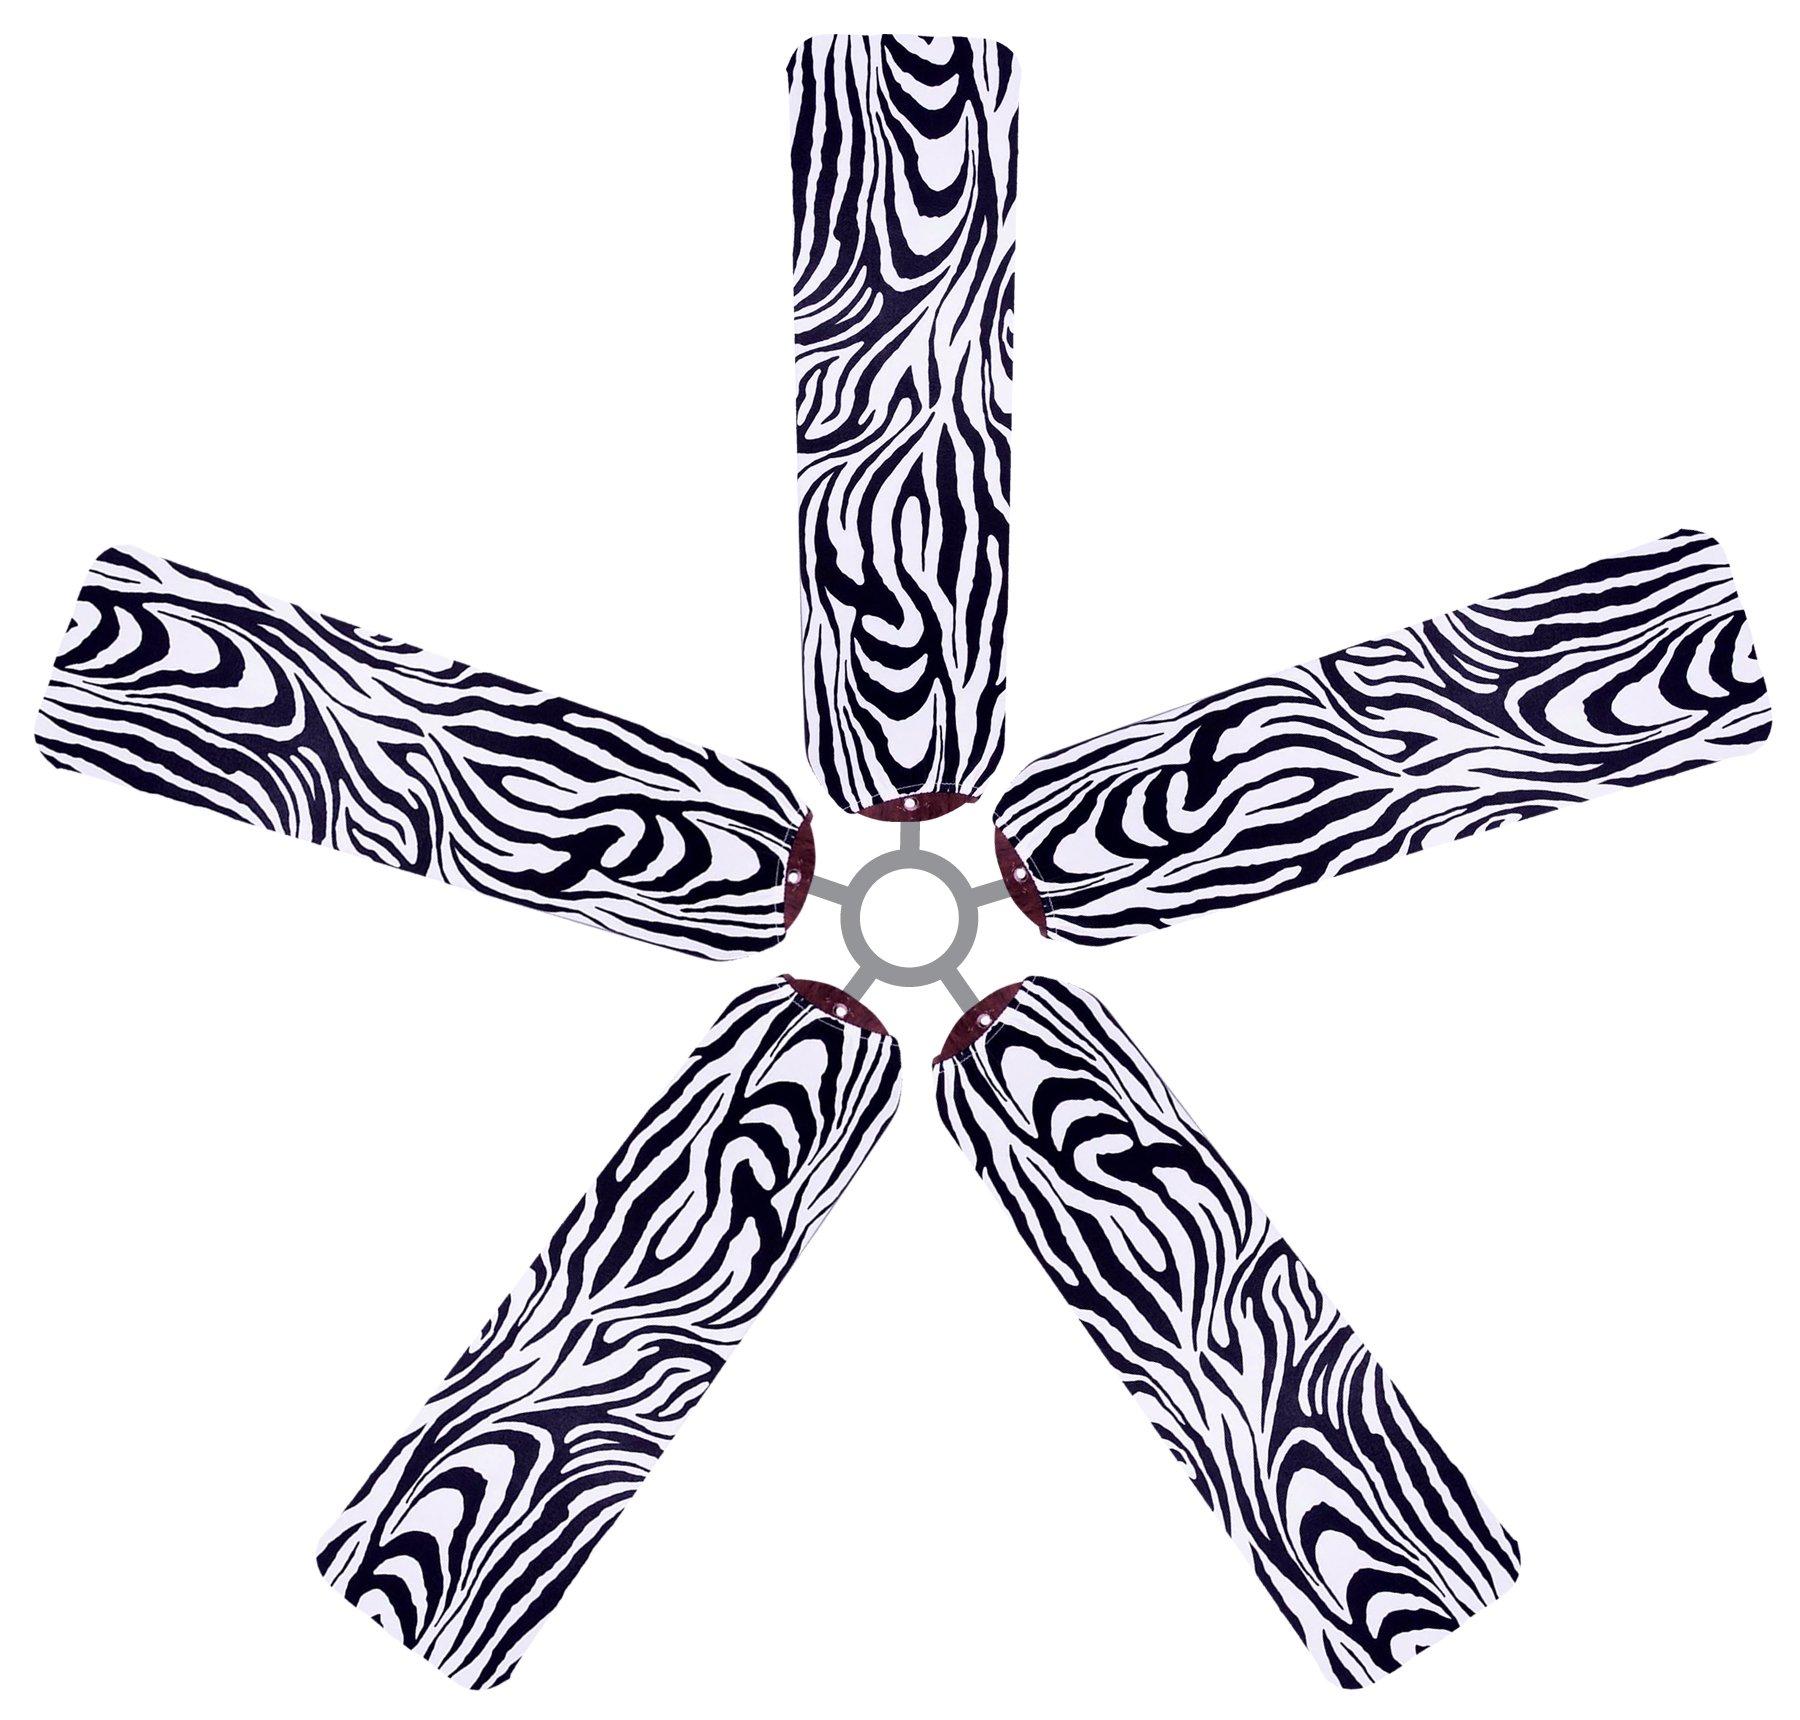 Fan Blade Designs Zebra Ceiling Fan Blade Covers